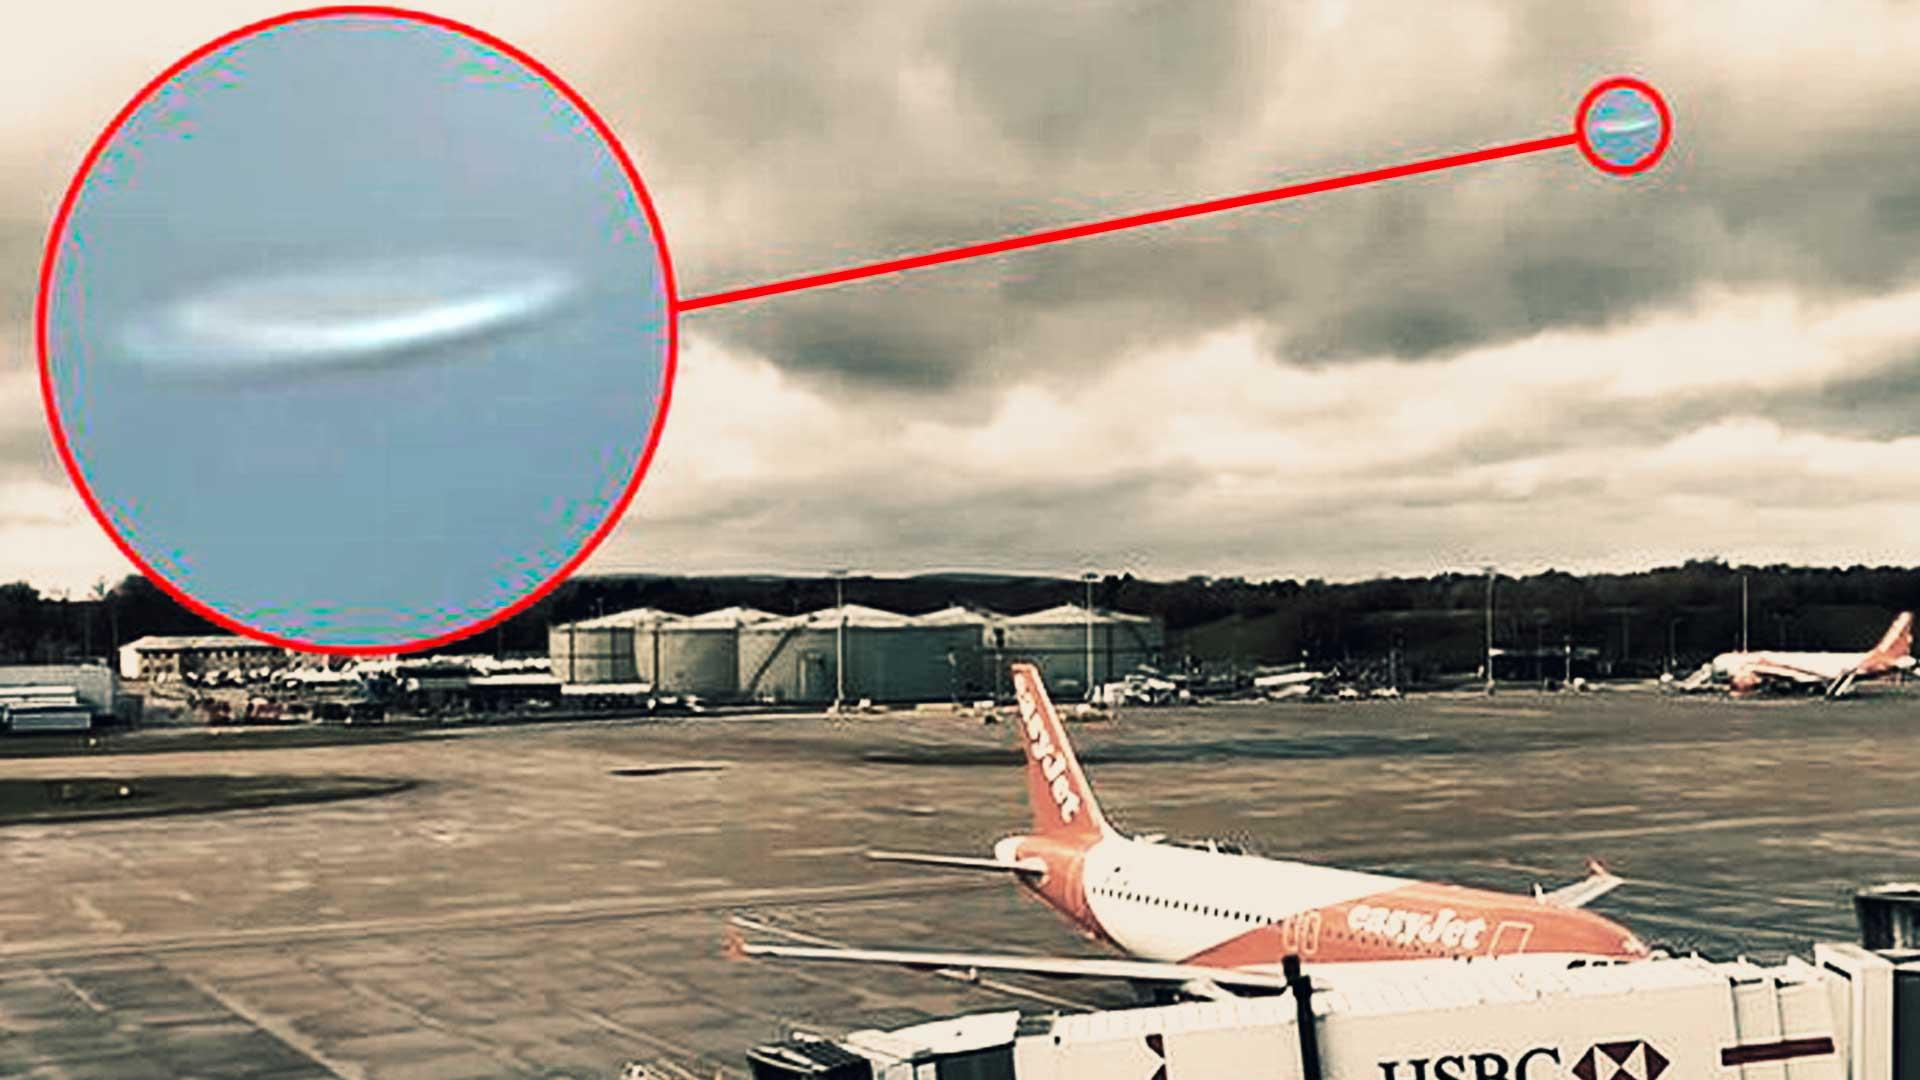 Aeropuerto del Reino Unido obligado a cancelar todos sus vuelos por culpa de OVNI